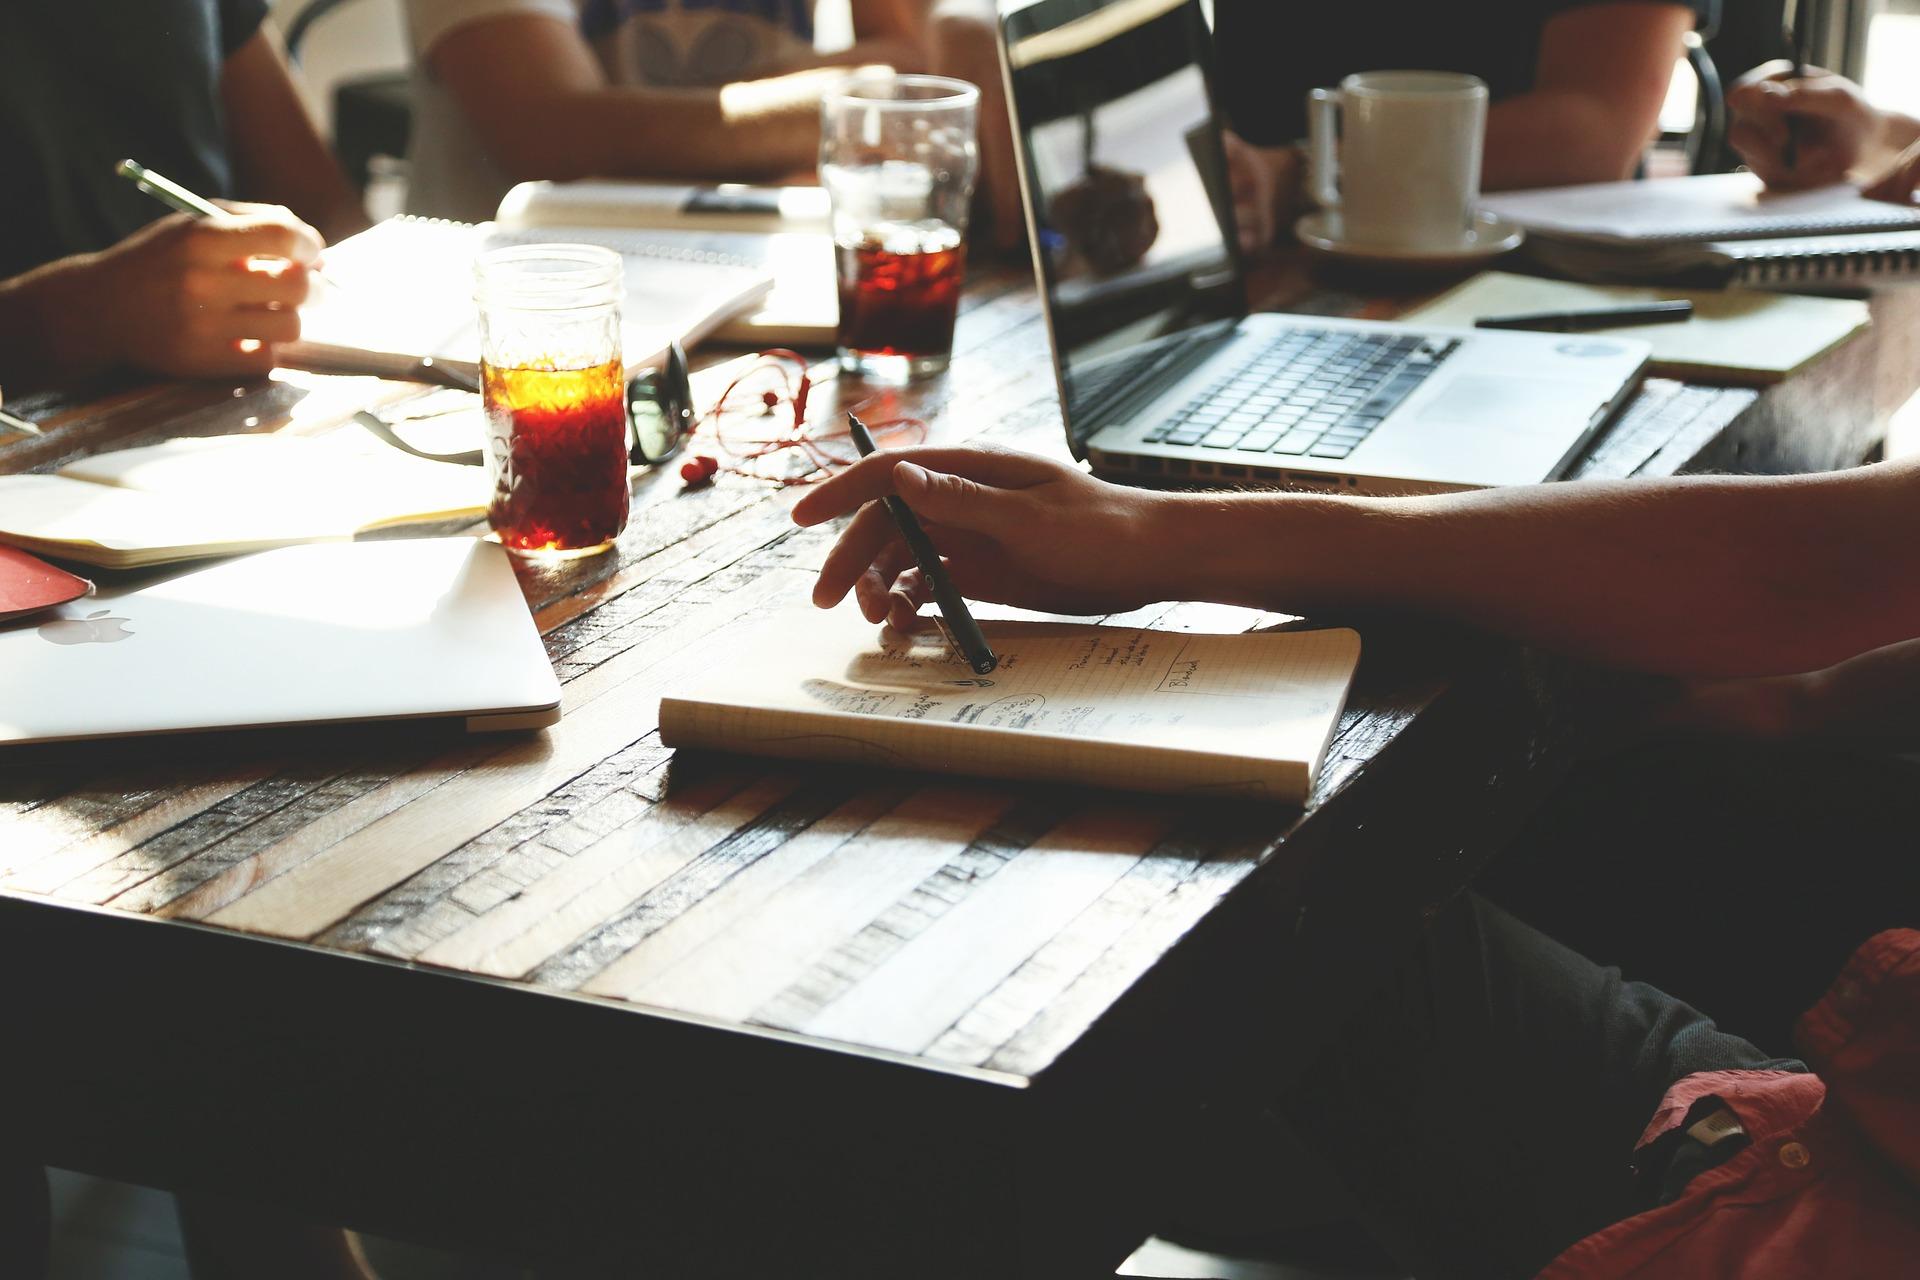 How to write a descriptive essay - image